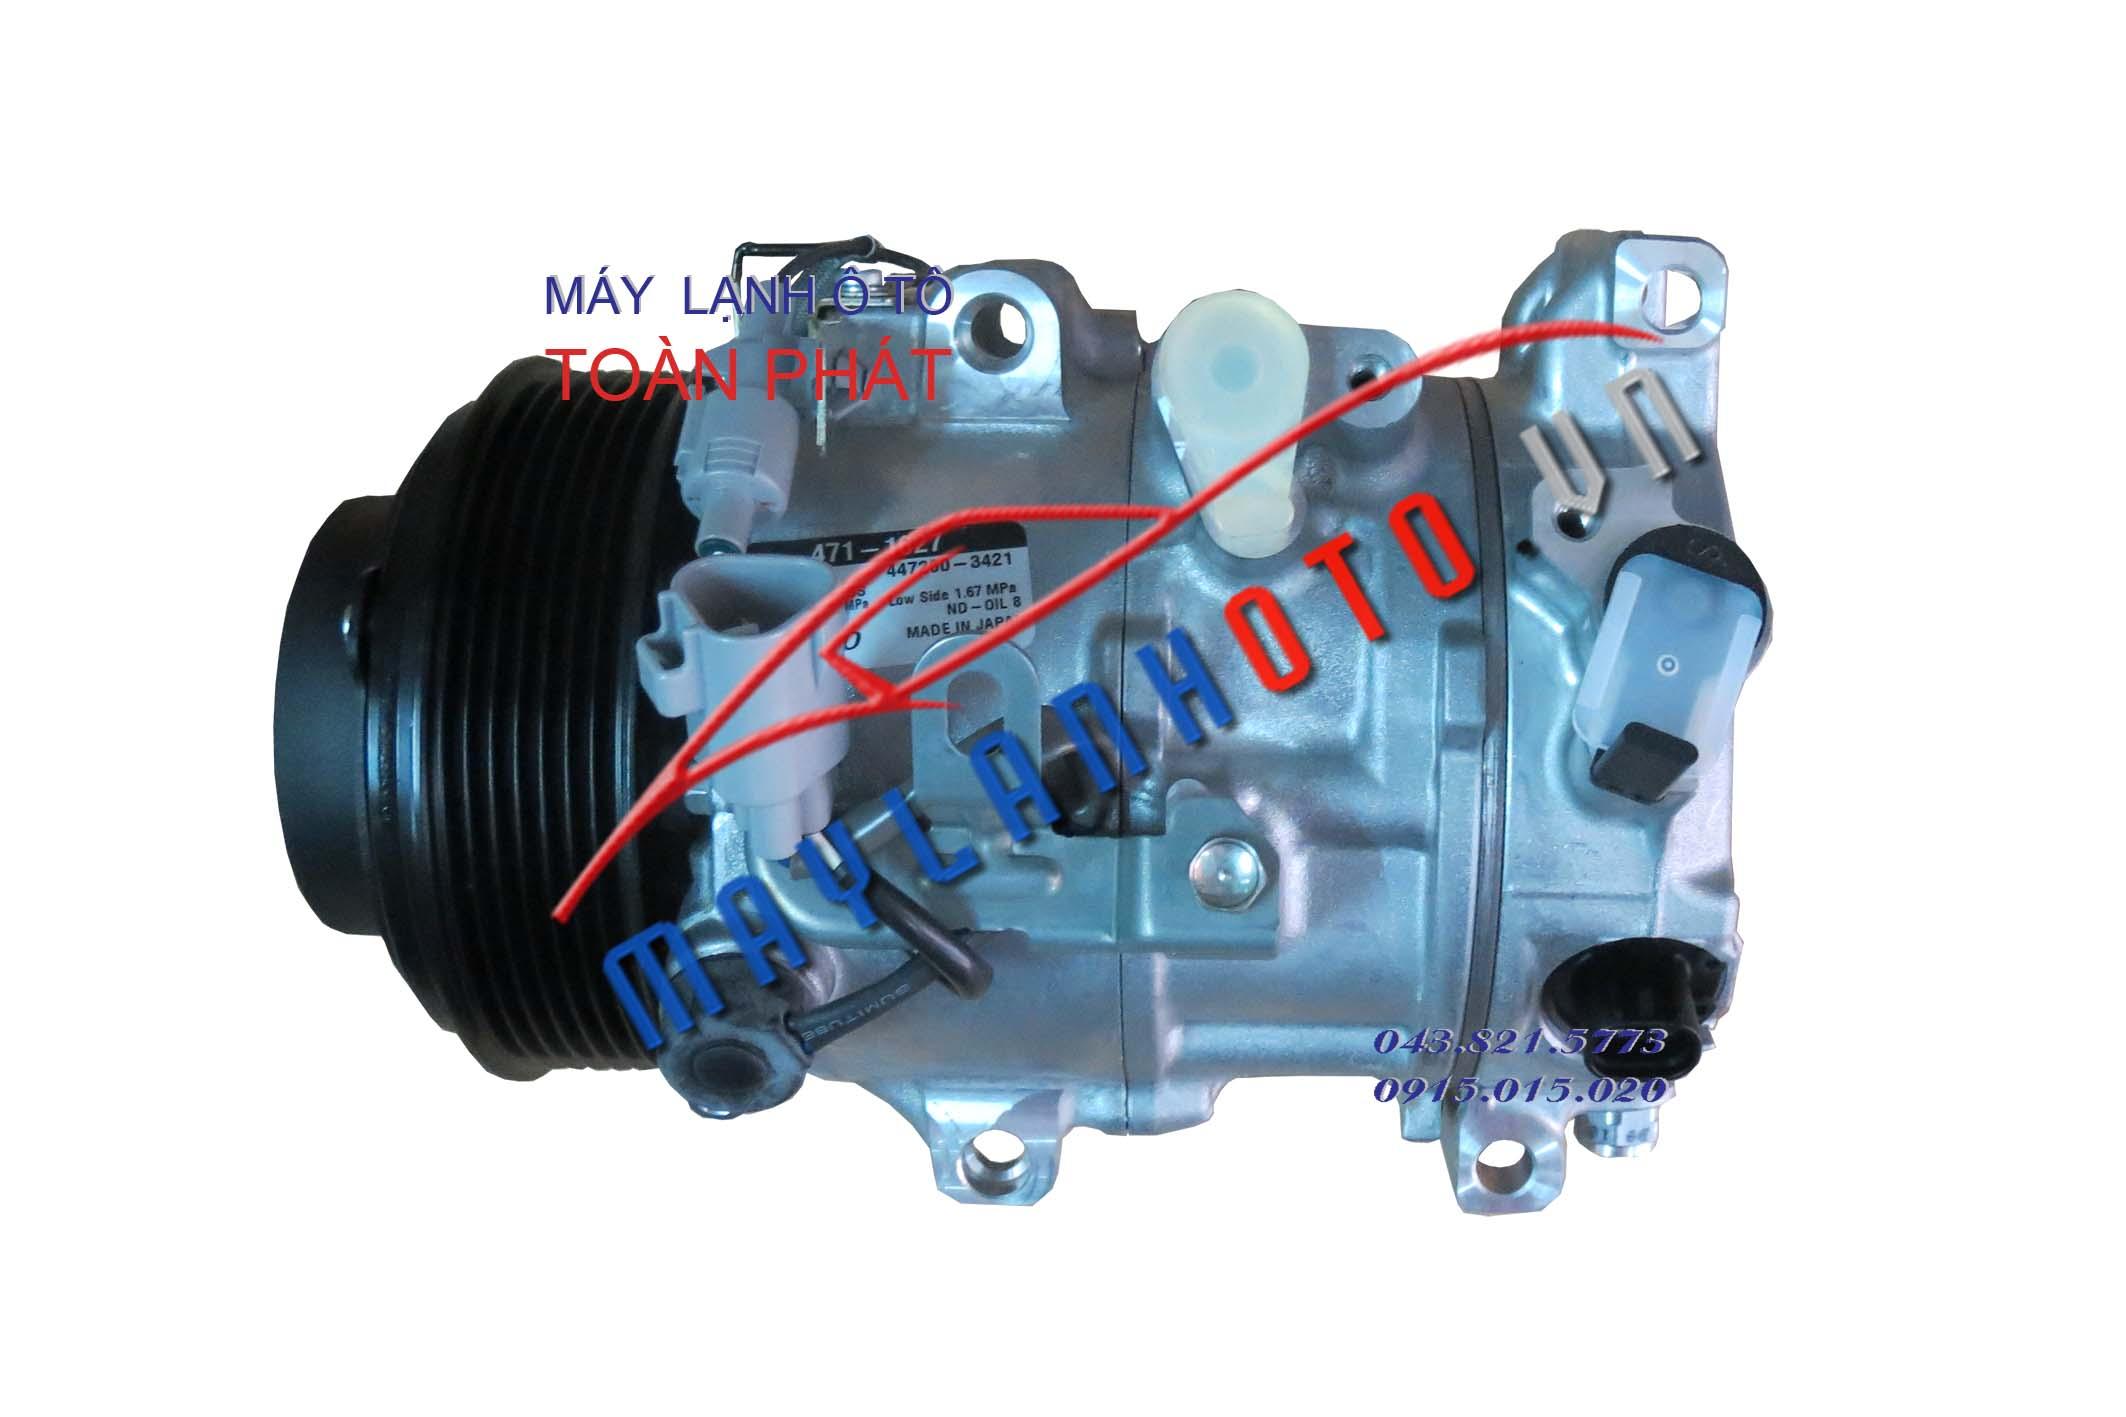 Camry 3.5 / Lốc lạnh điều hòa Toyota Camry 3.5